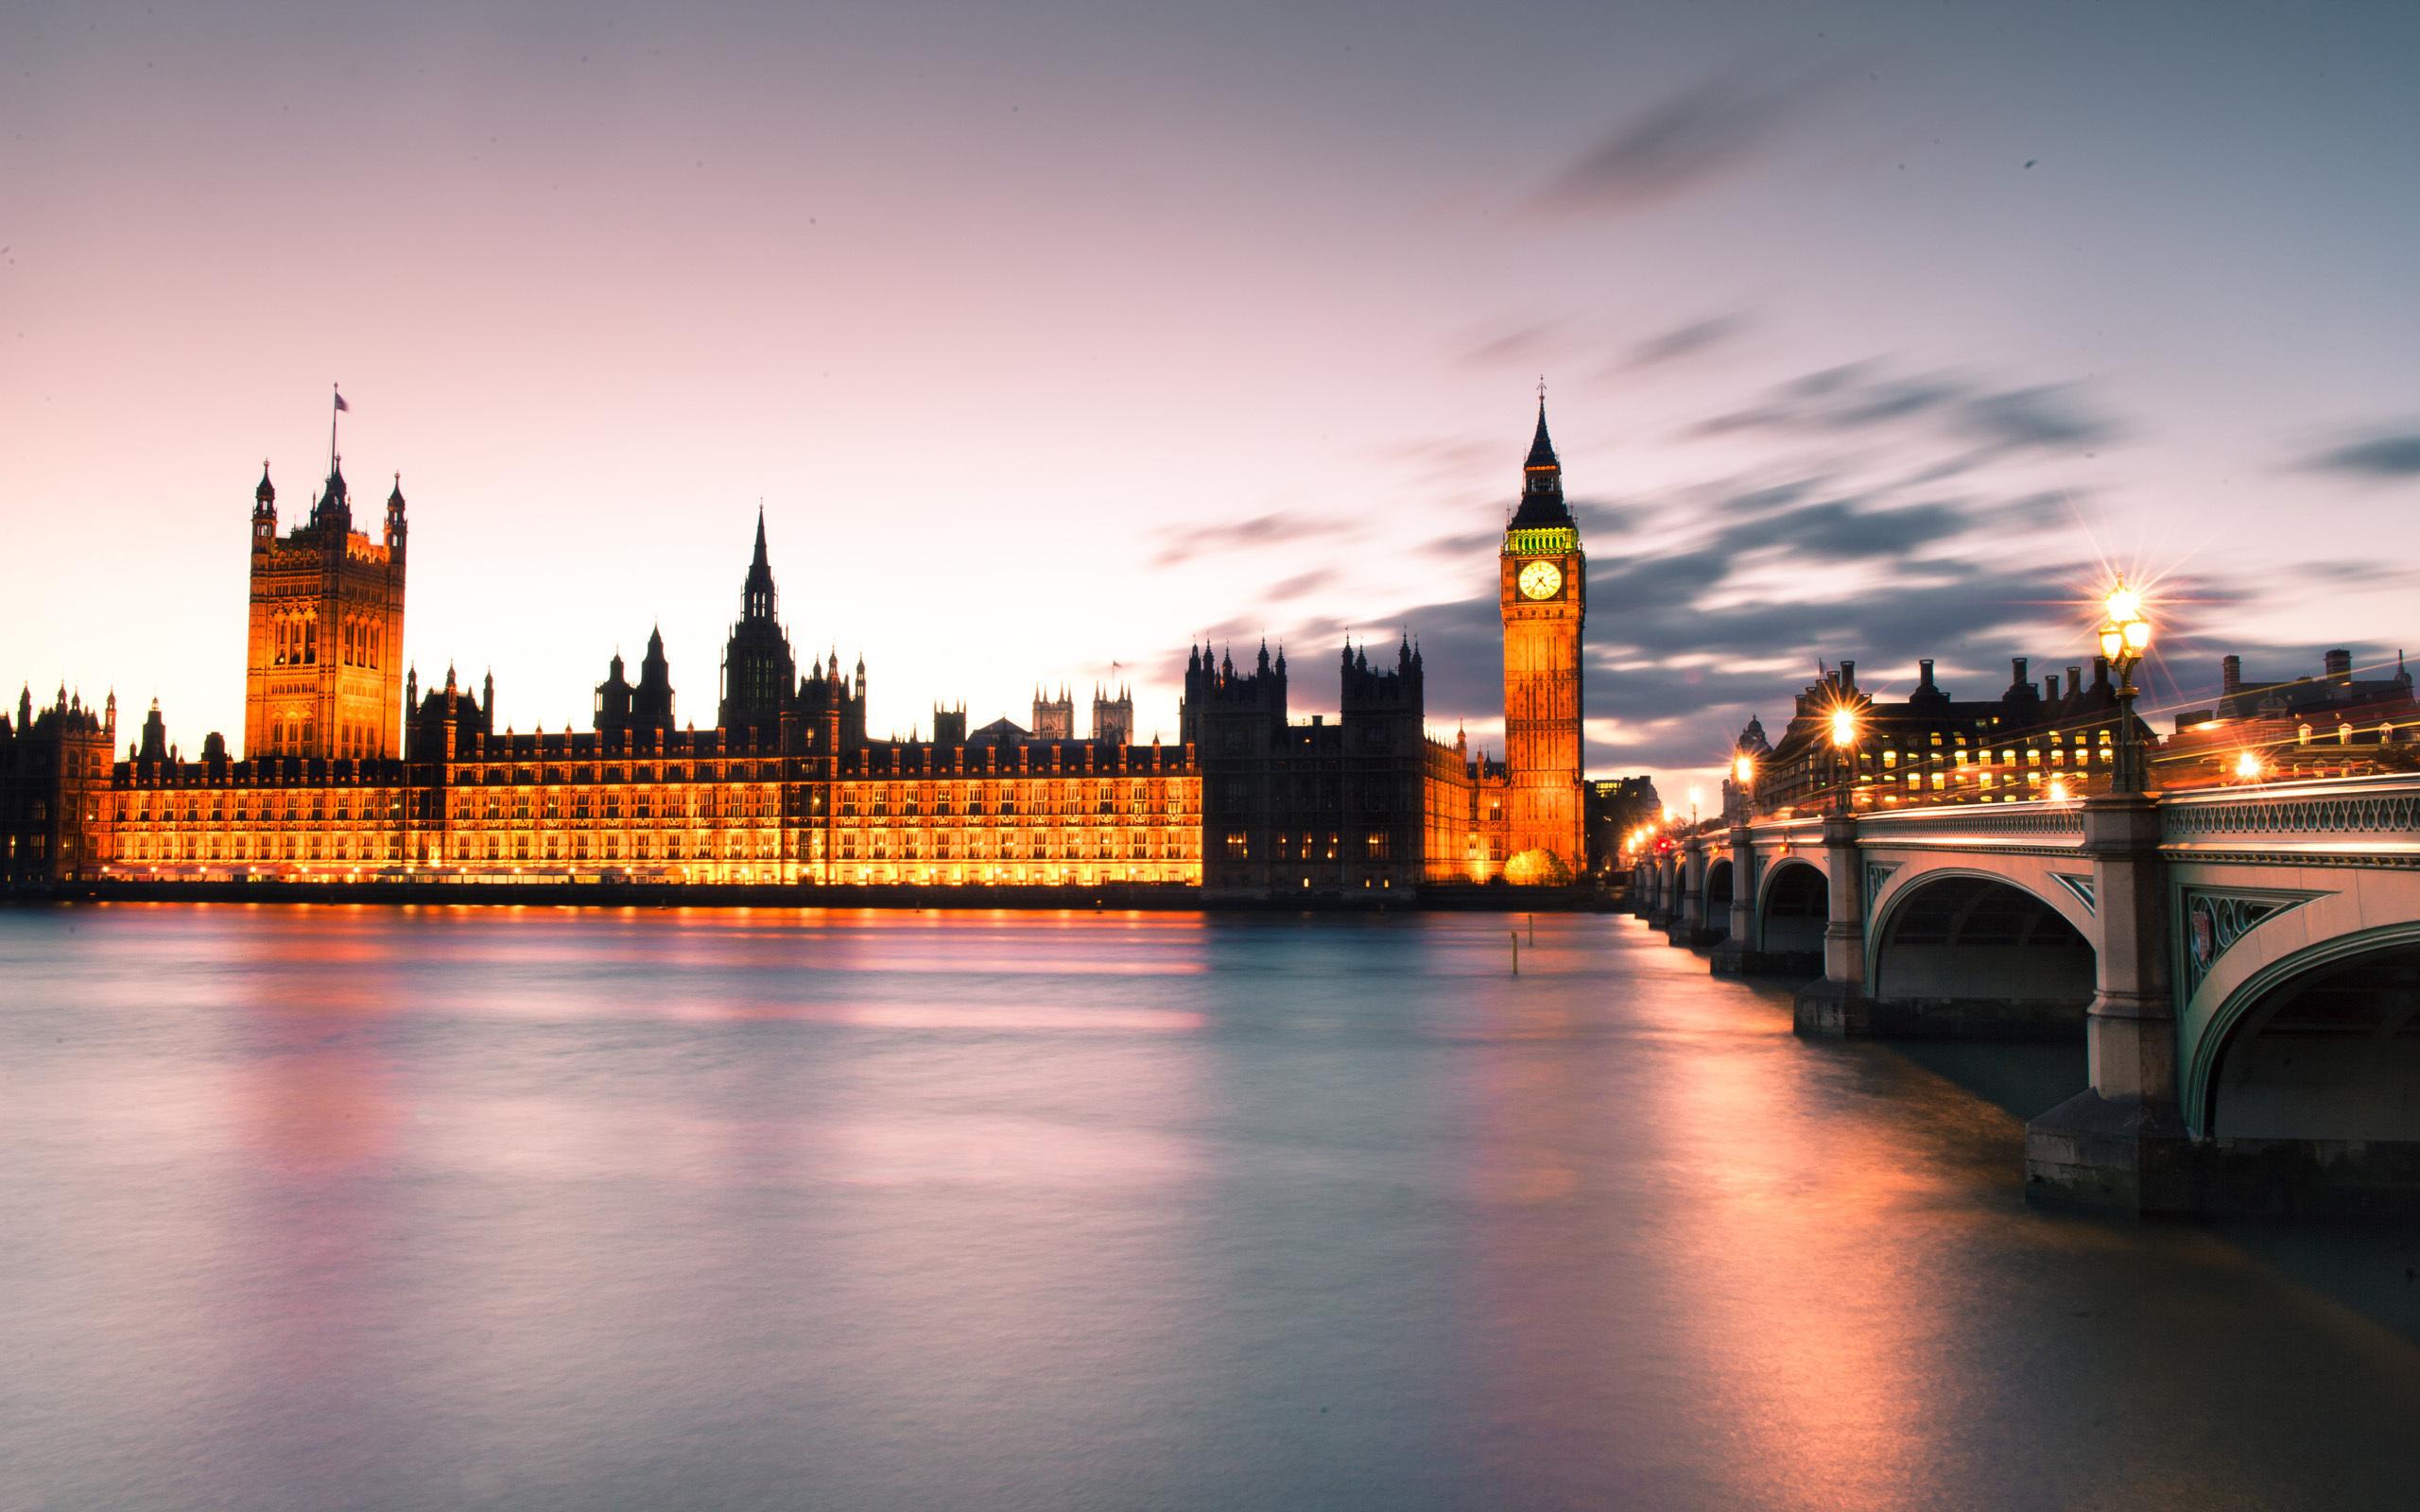 страны архитектура Лондон Англия  № 573698 загрузить